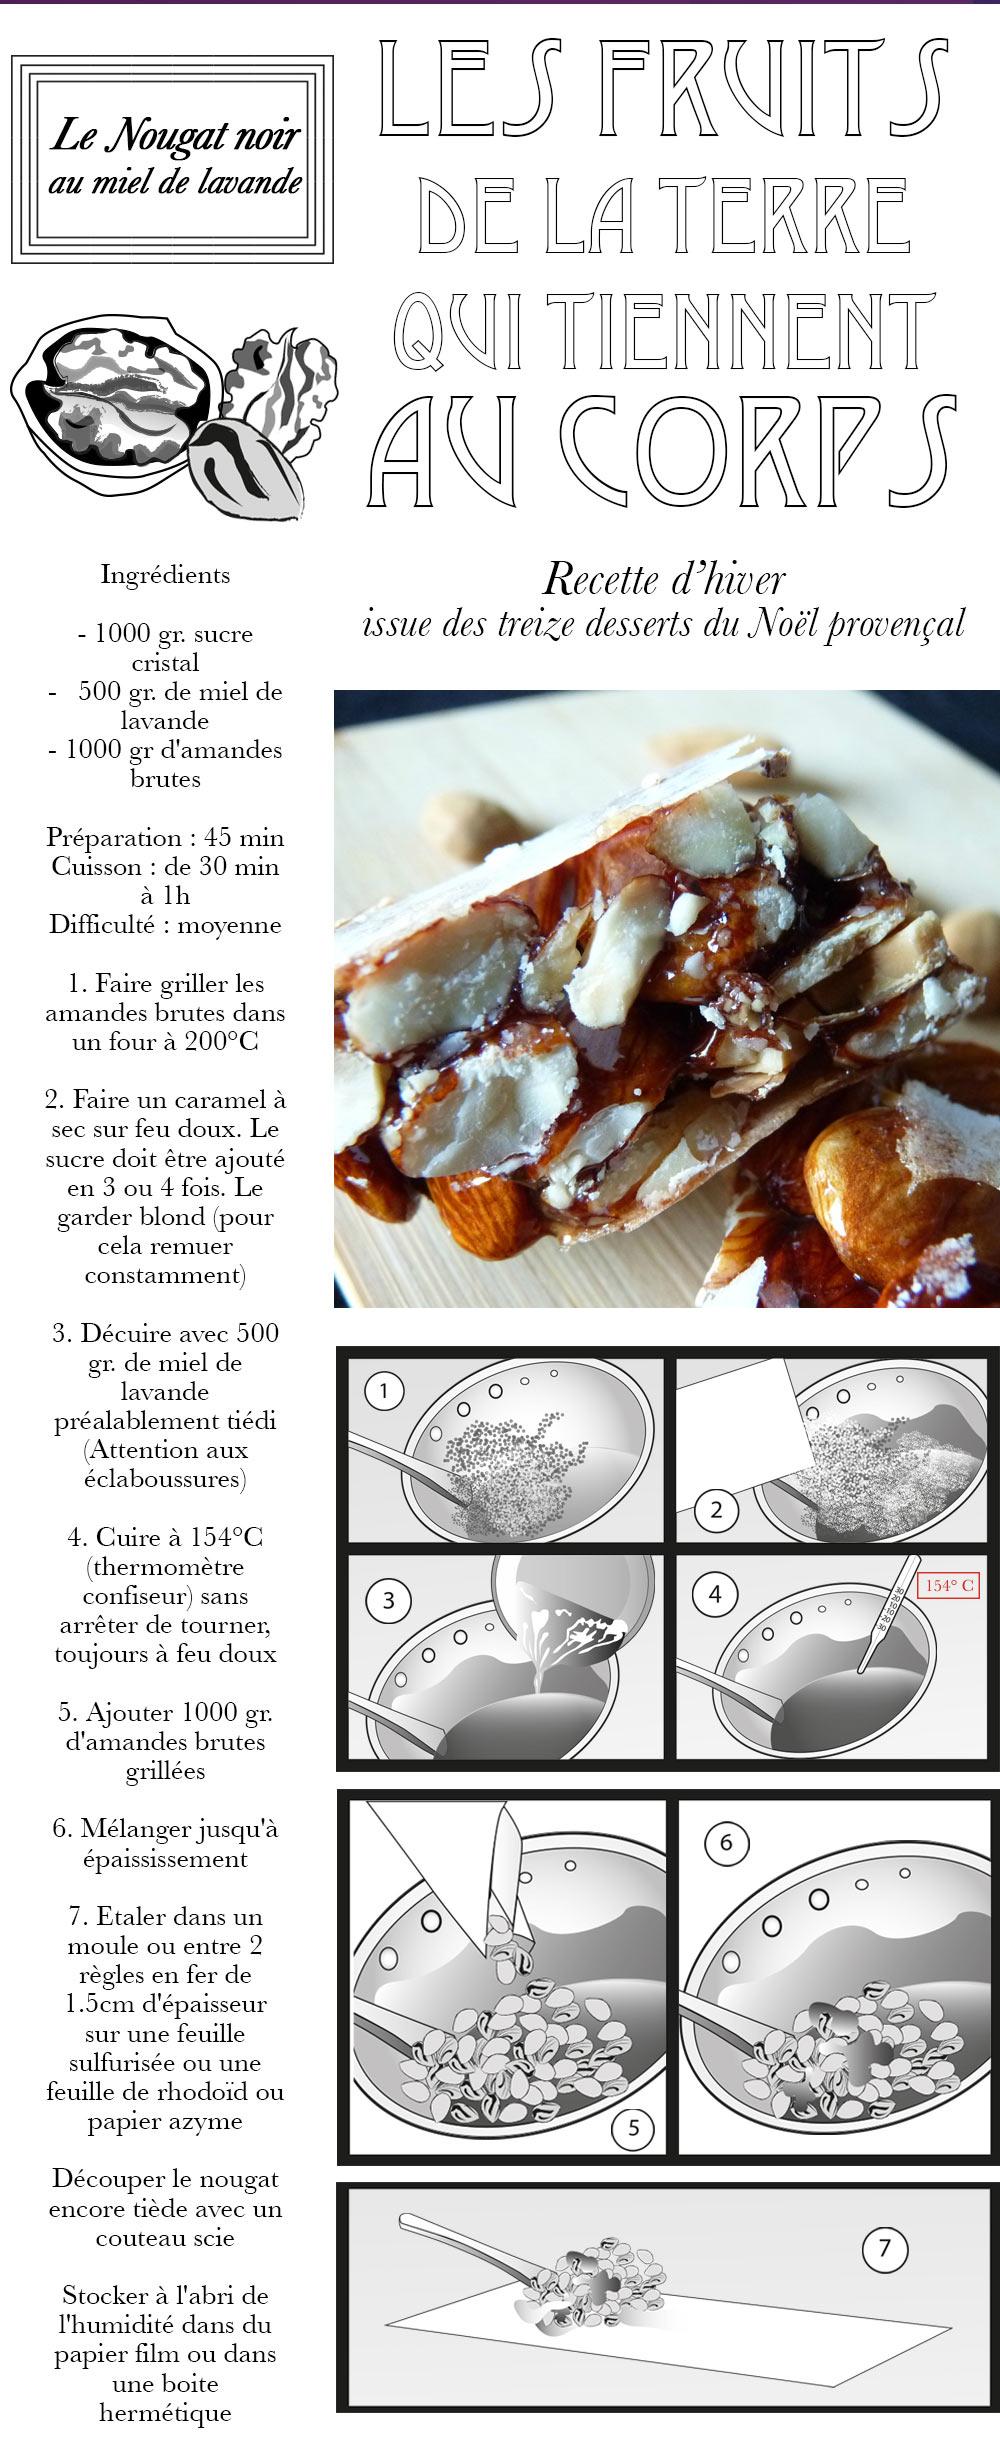 La Gazette strange froots - la recette de cet hiver !! LES FRUITS QUI TIENNENT AU CORPS